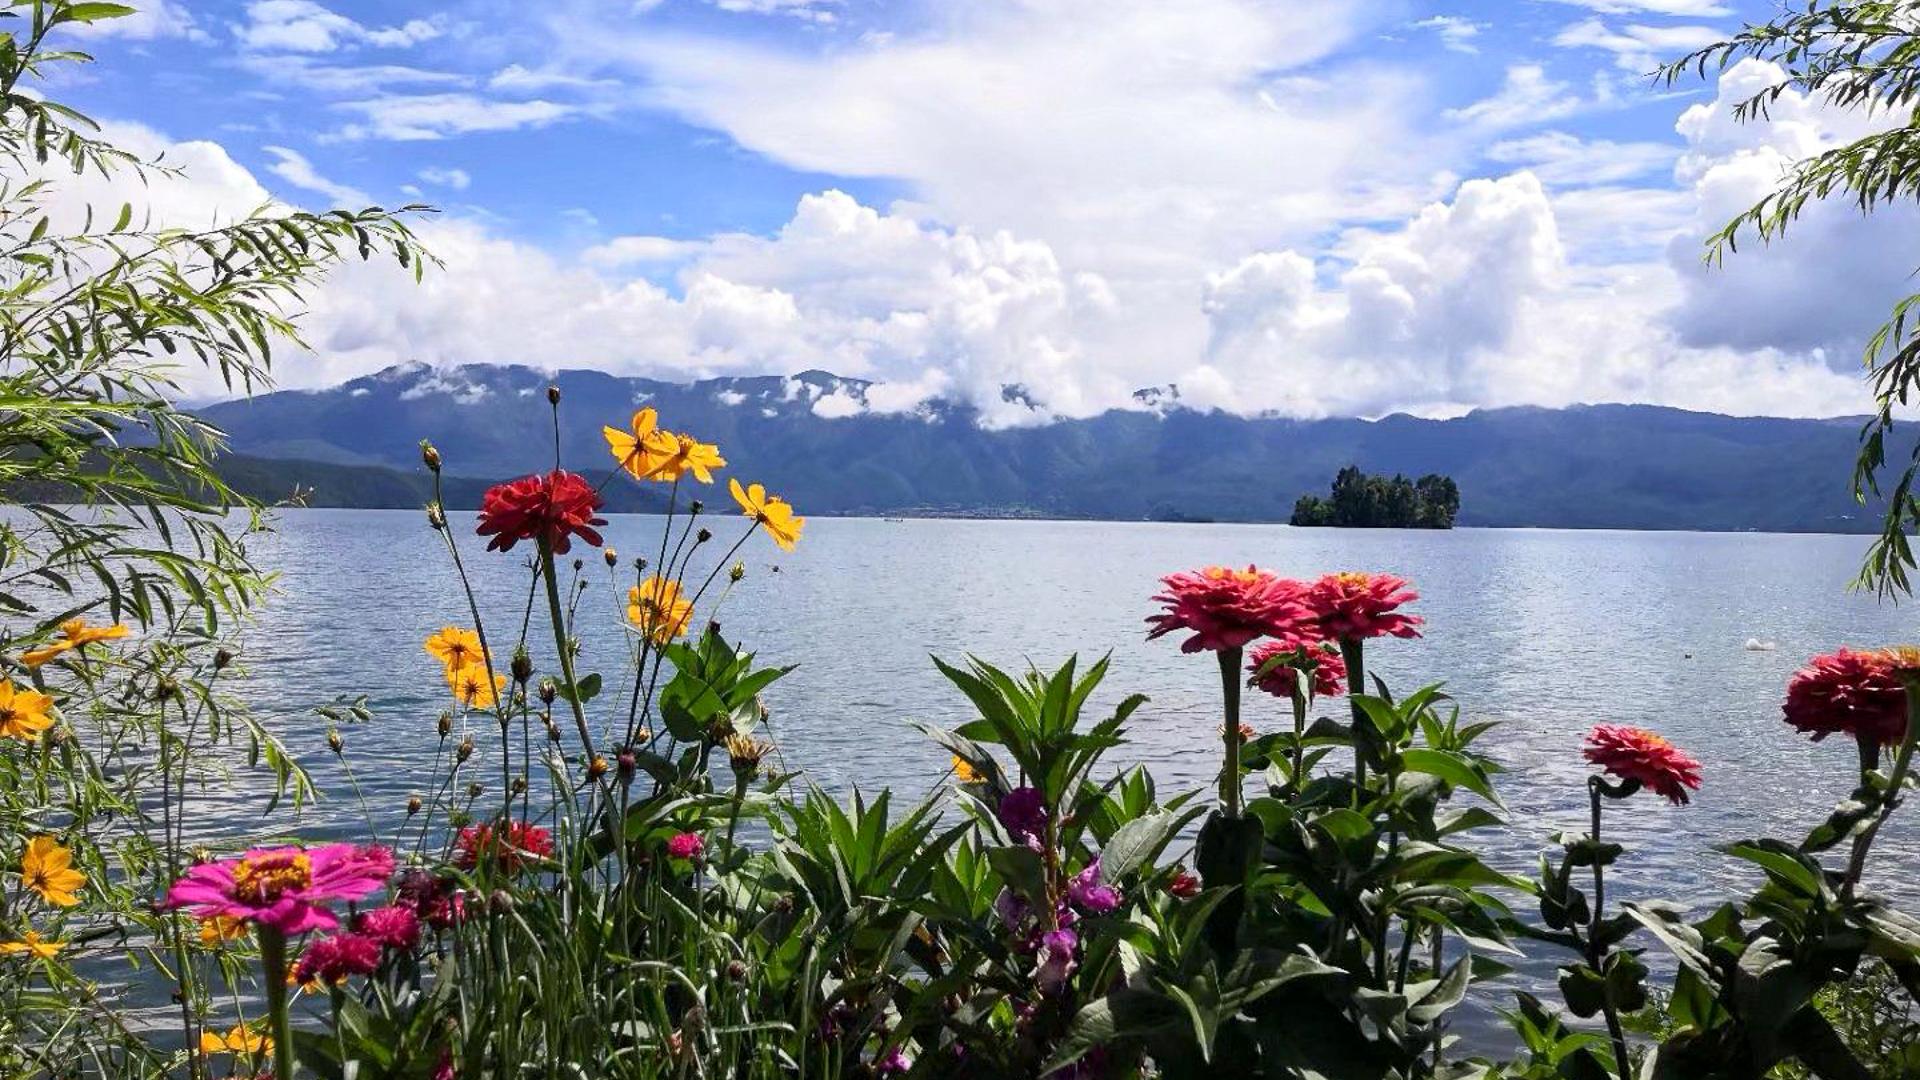 如果你准备去踏青,一定要到这两个湖看看,简直不要太惬意